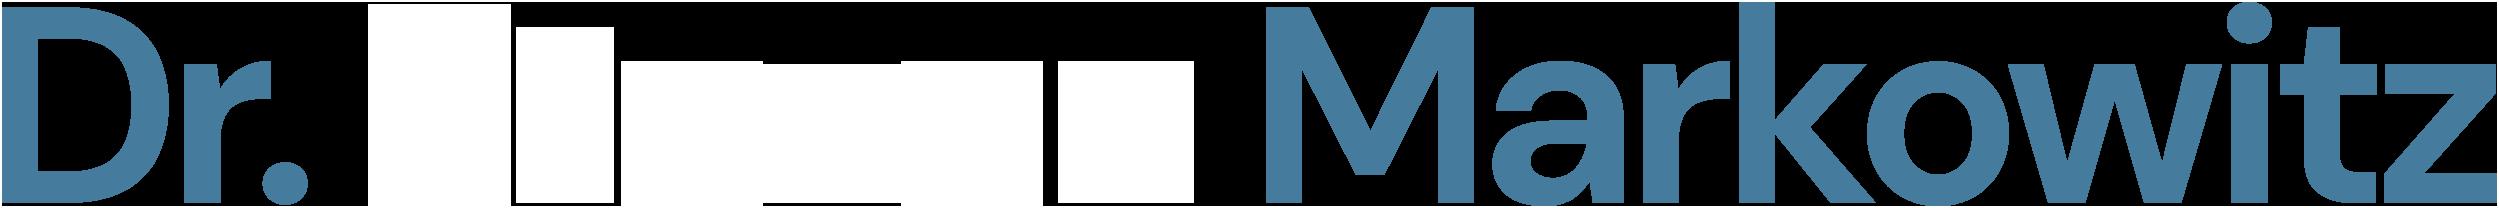 Dr. Markowitz Logo white